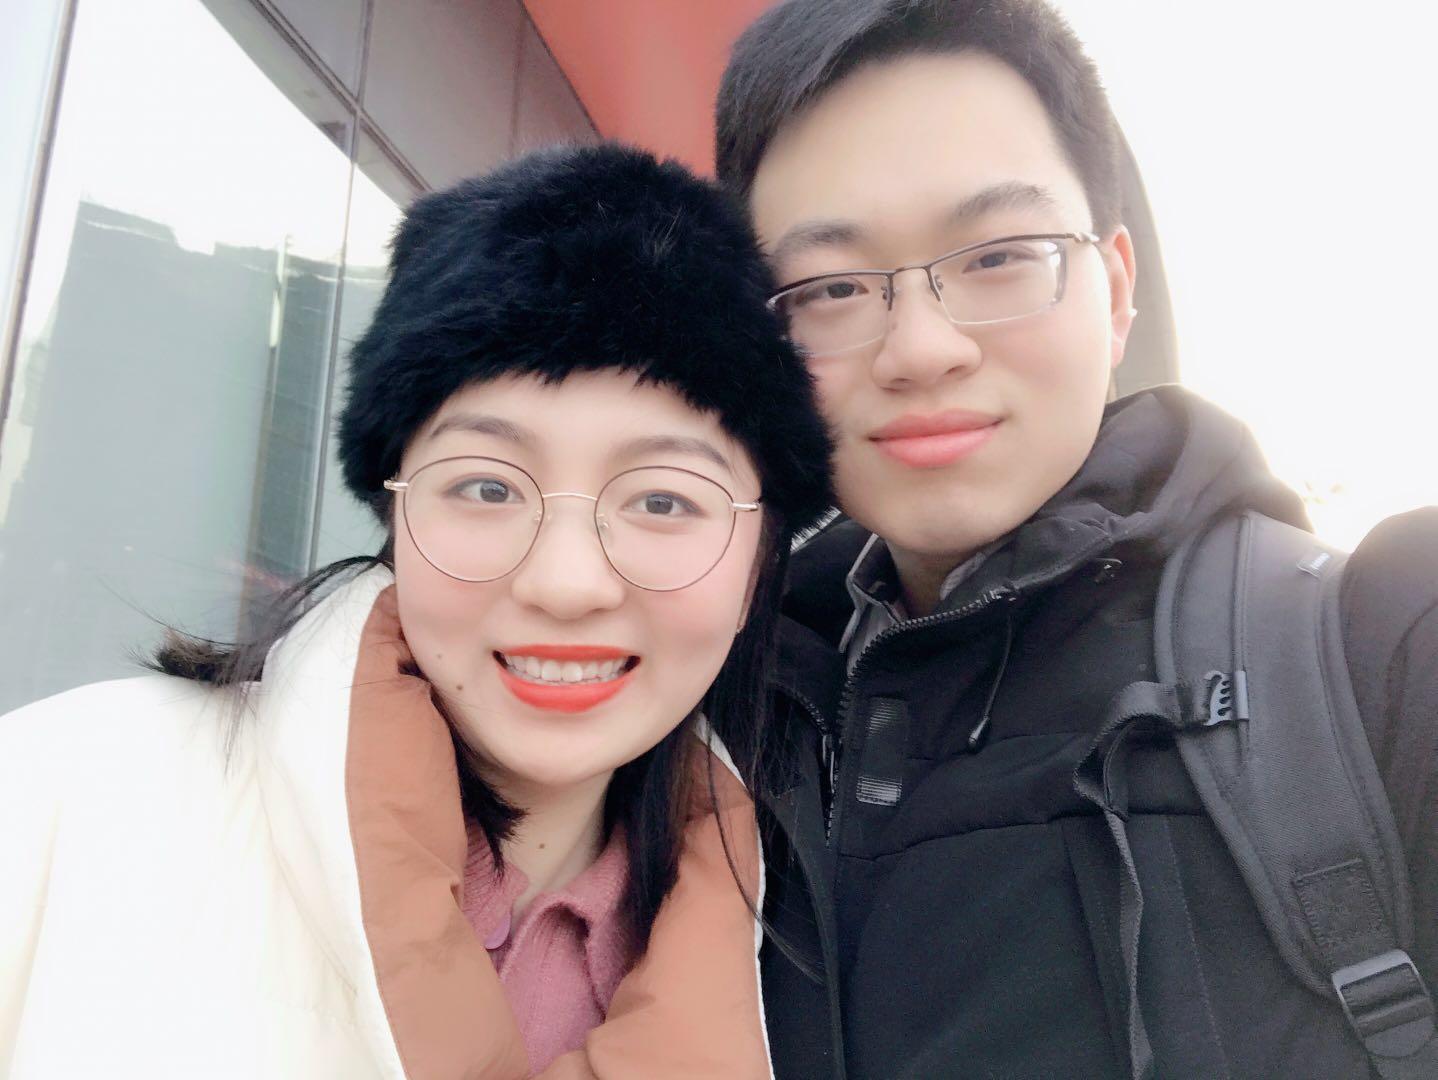 2019年2月1号 · 阜阳